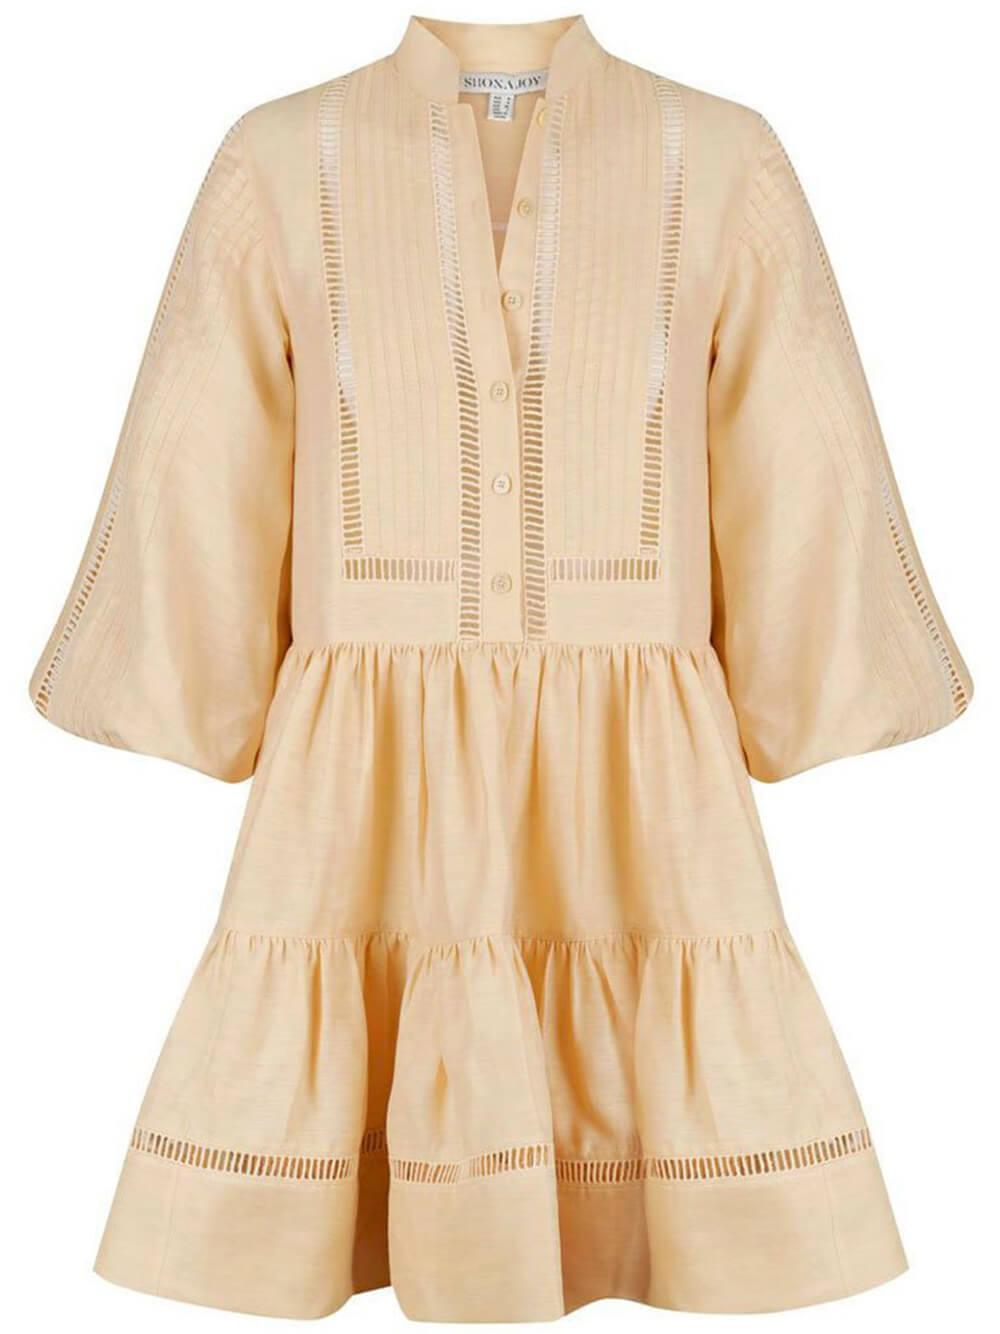 Joia Mini Dress Item # 213130